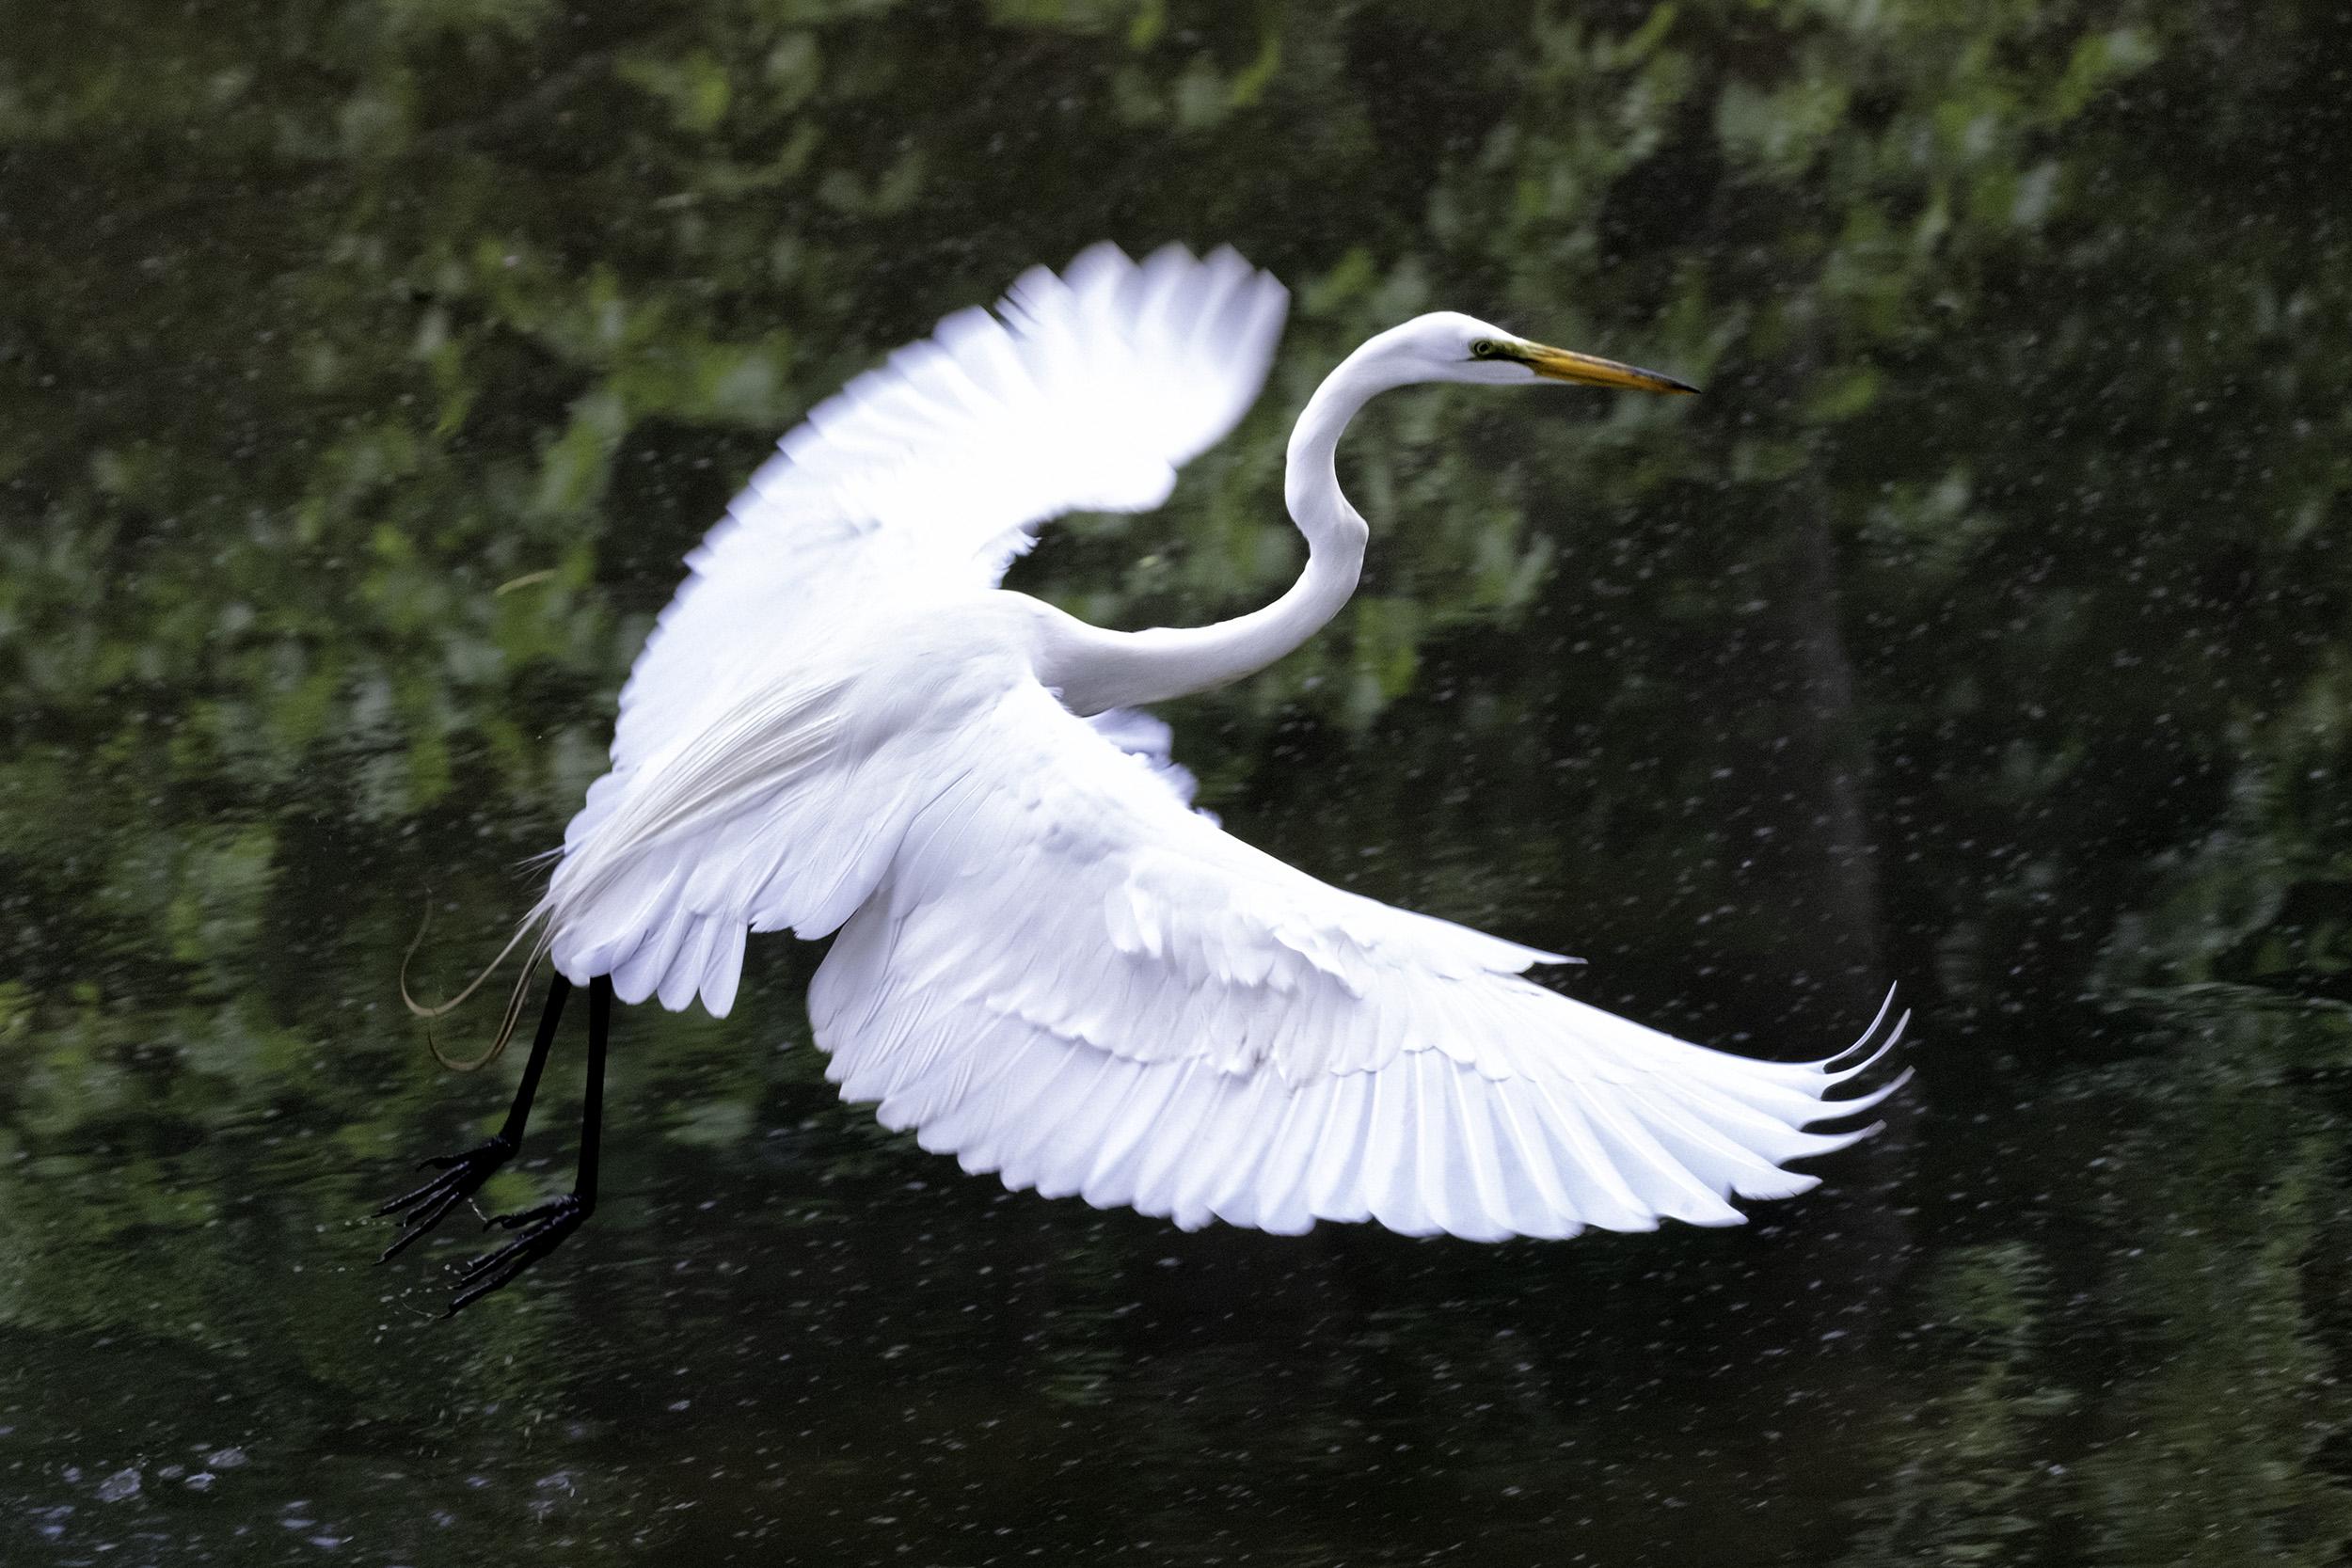 190514 XT2 Canal Birds  117-1 cln.jpg